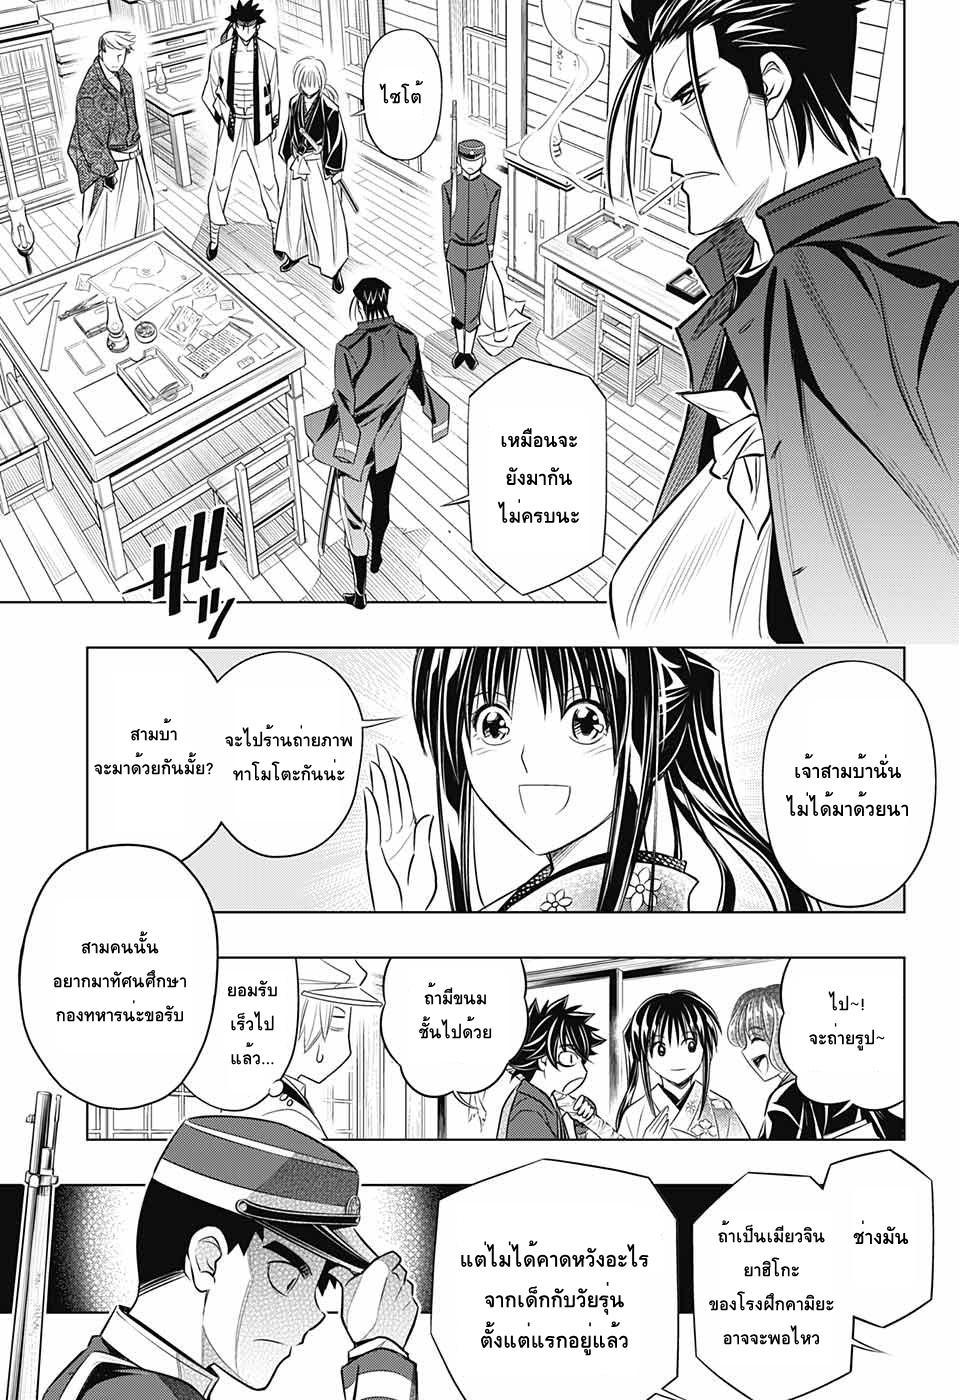 อ่านการ์ตูน Rurouni Kenshin: Hokkaido Arc ตอนที่ 16 หน้าที่ 7